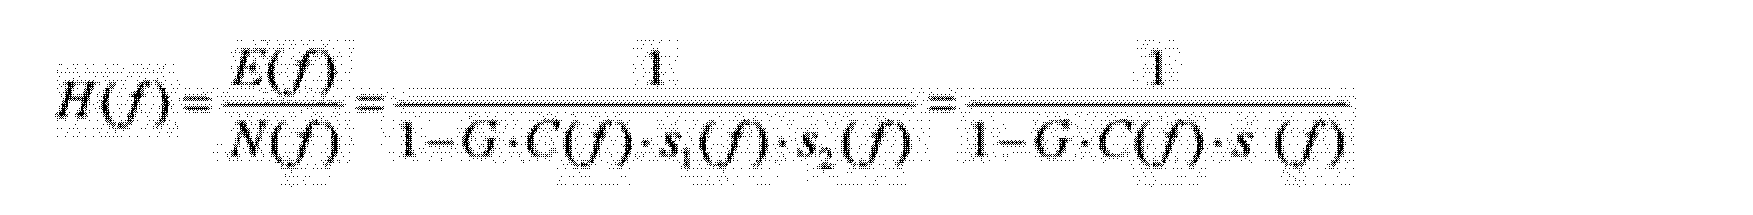 Figure CN102257560BD00091